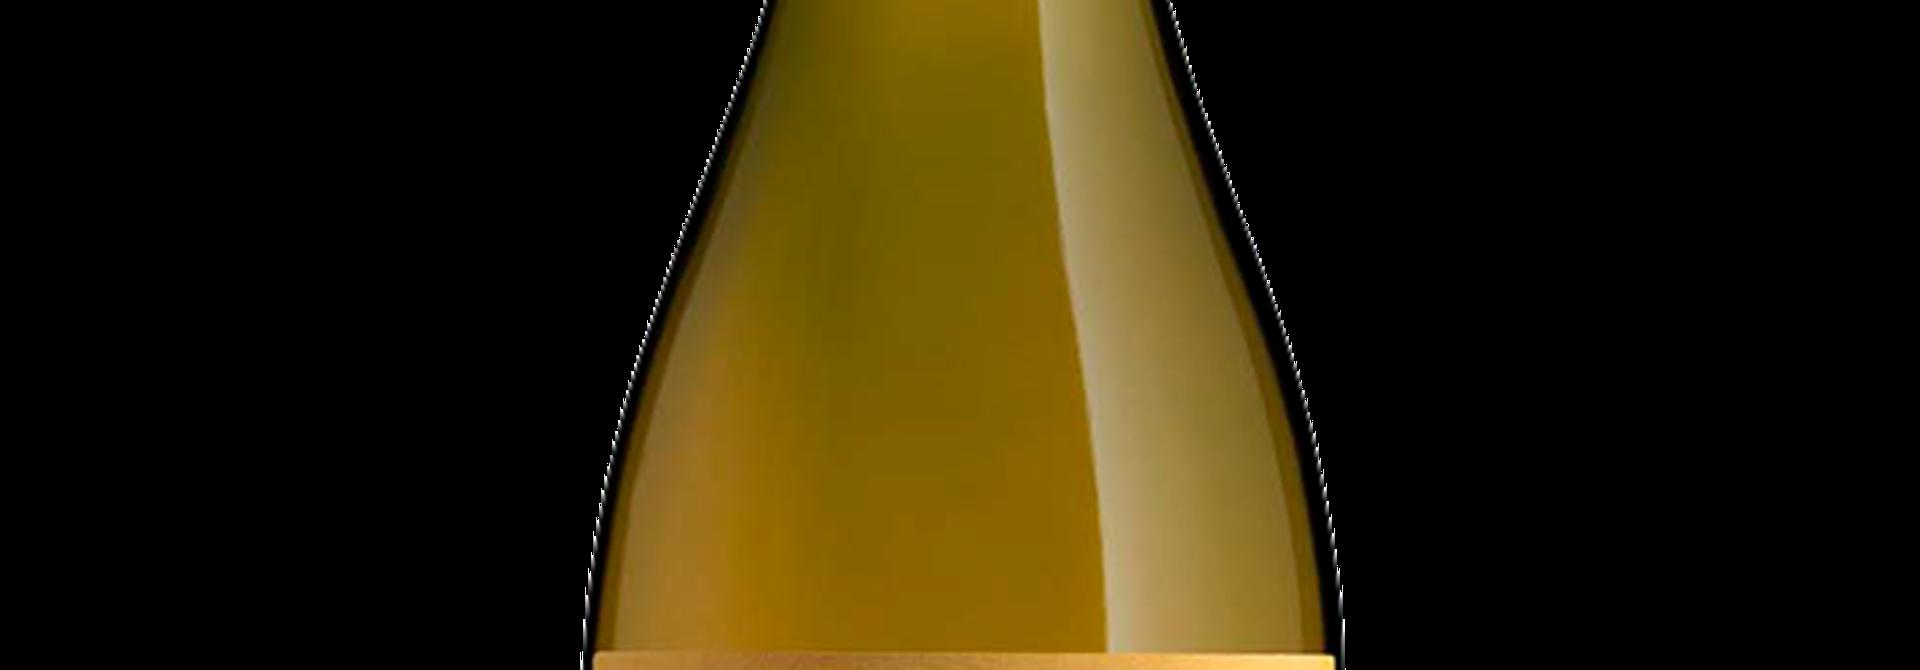 Granito Semillon 2017, Bouchon